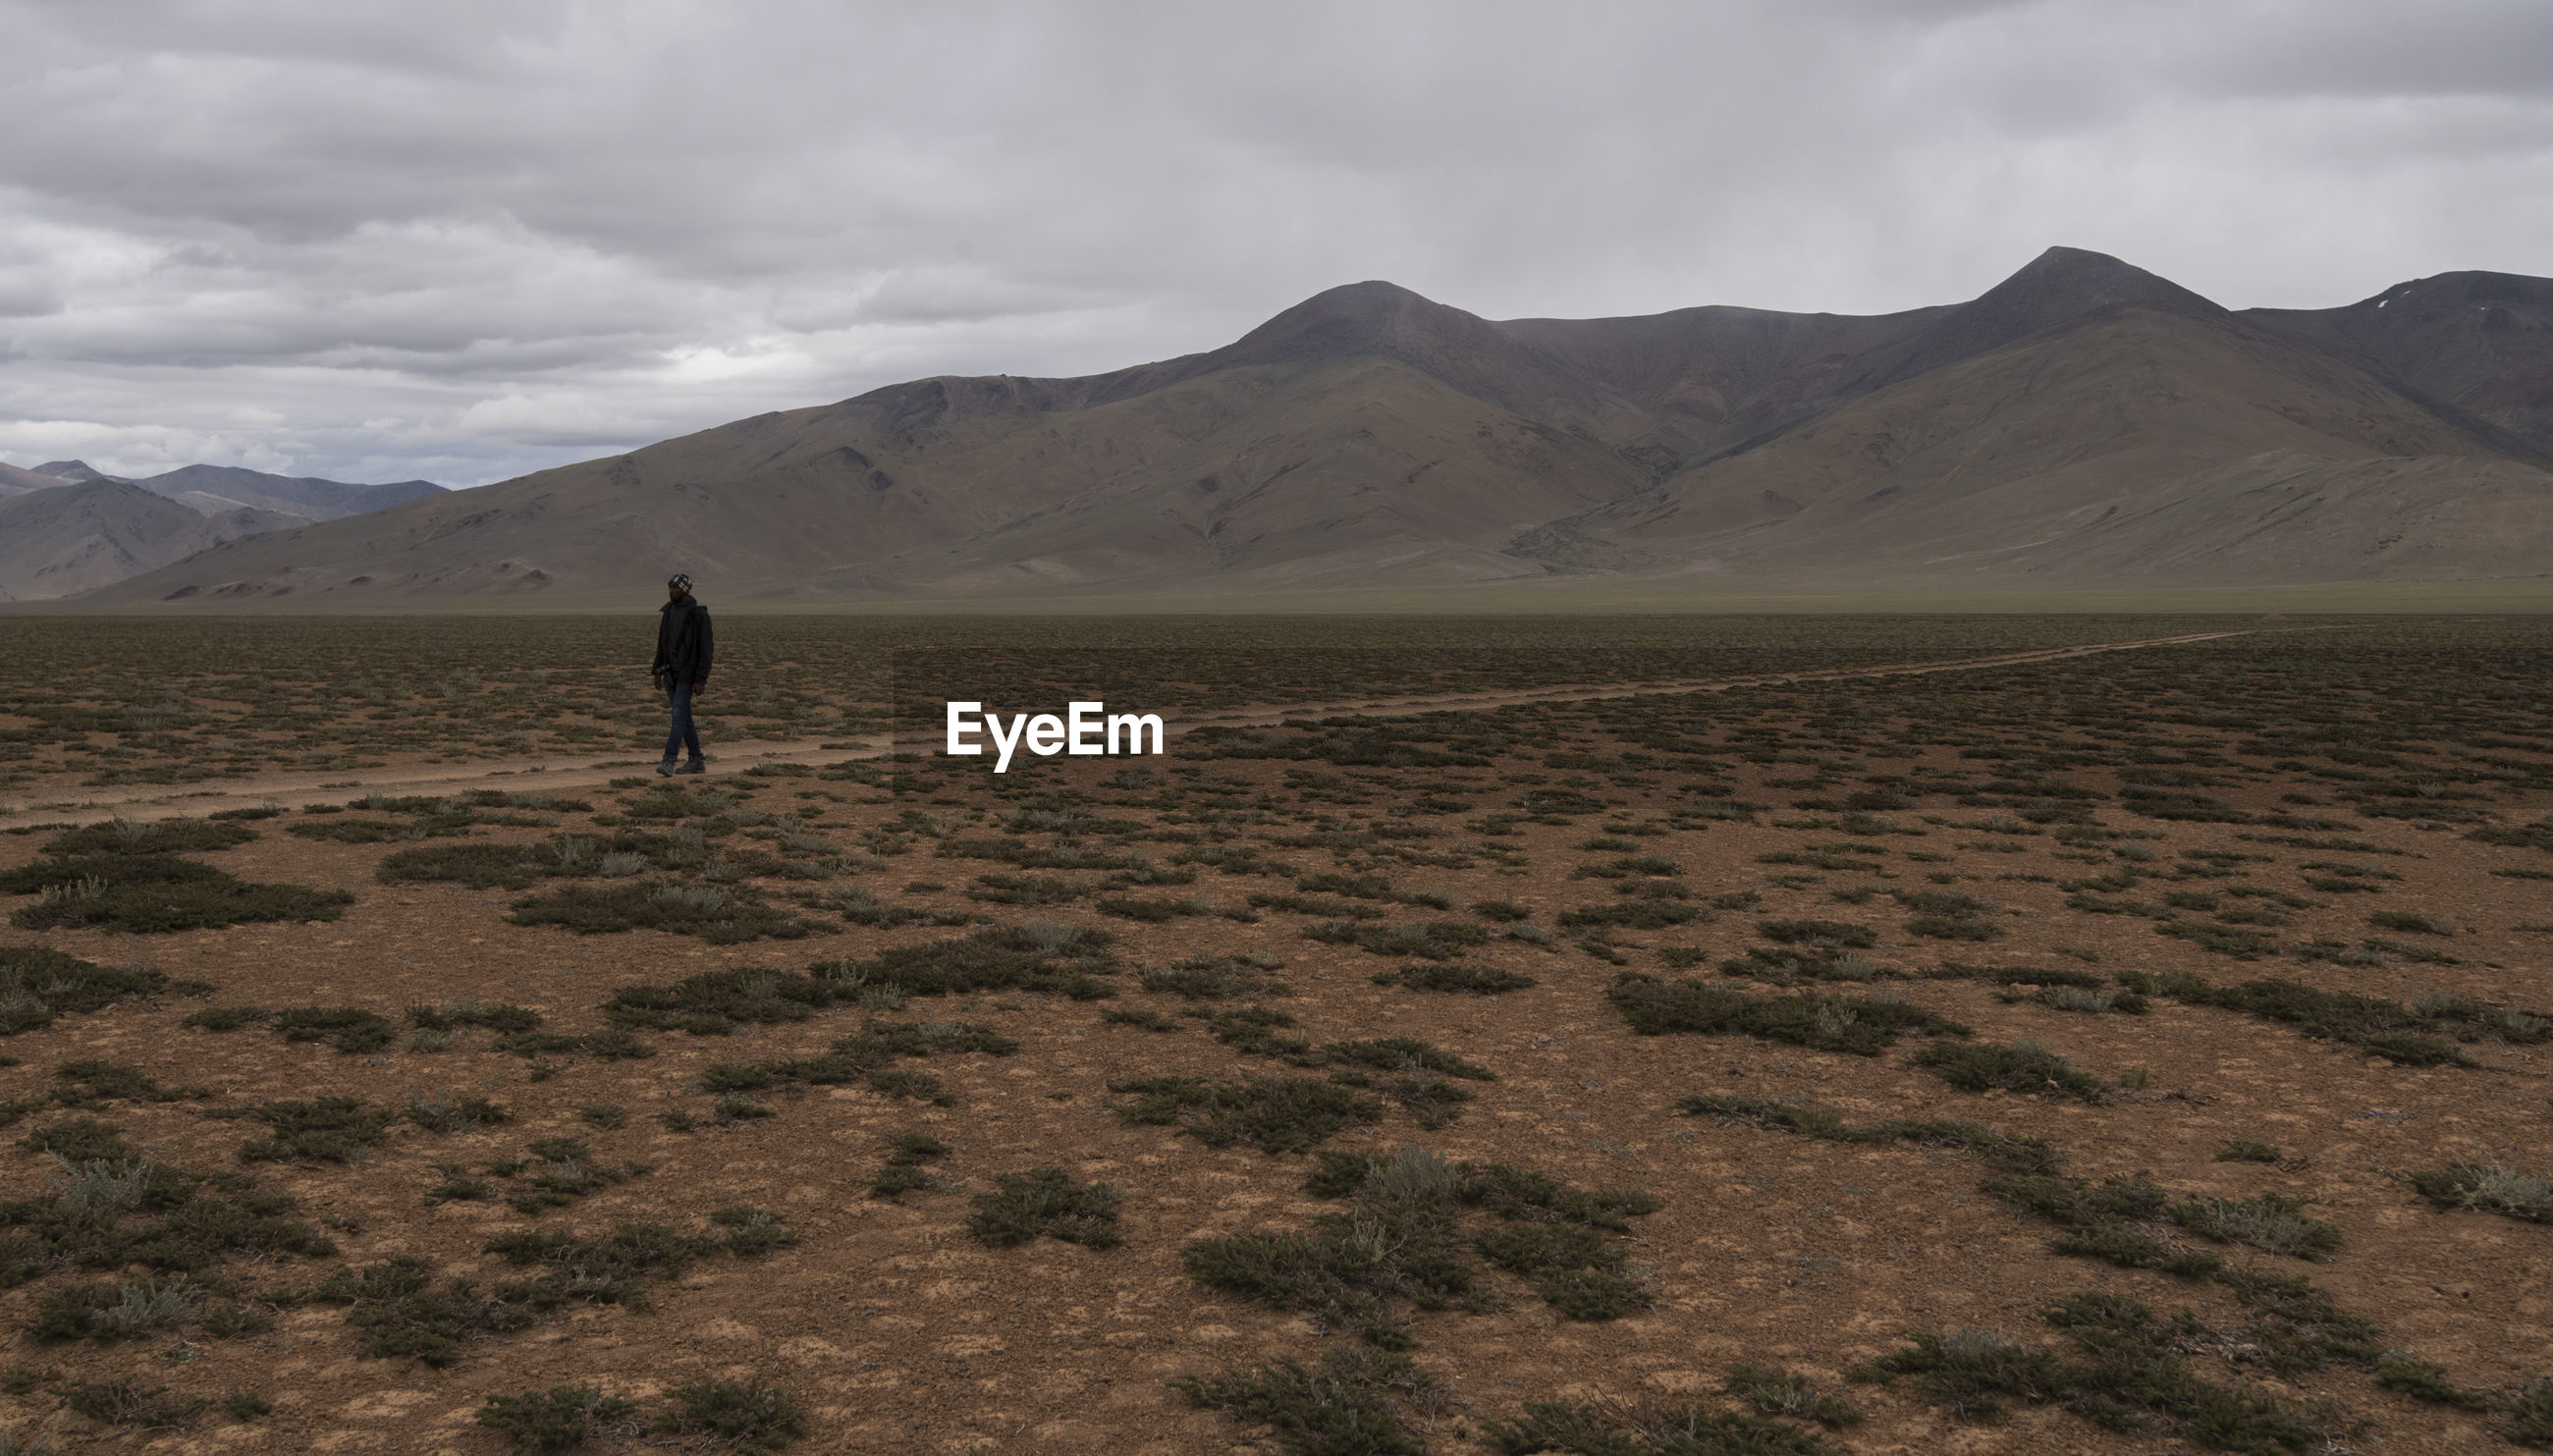 Man walking at desert against mountains